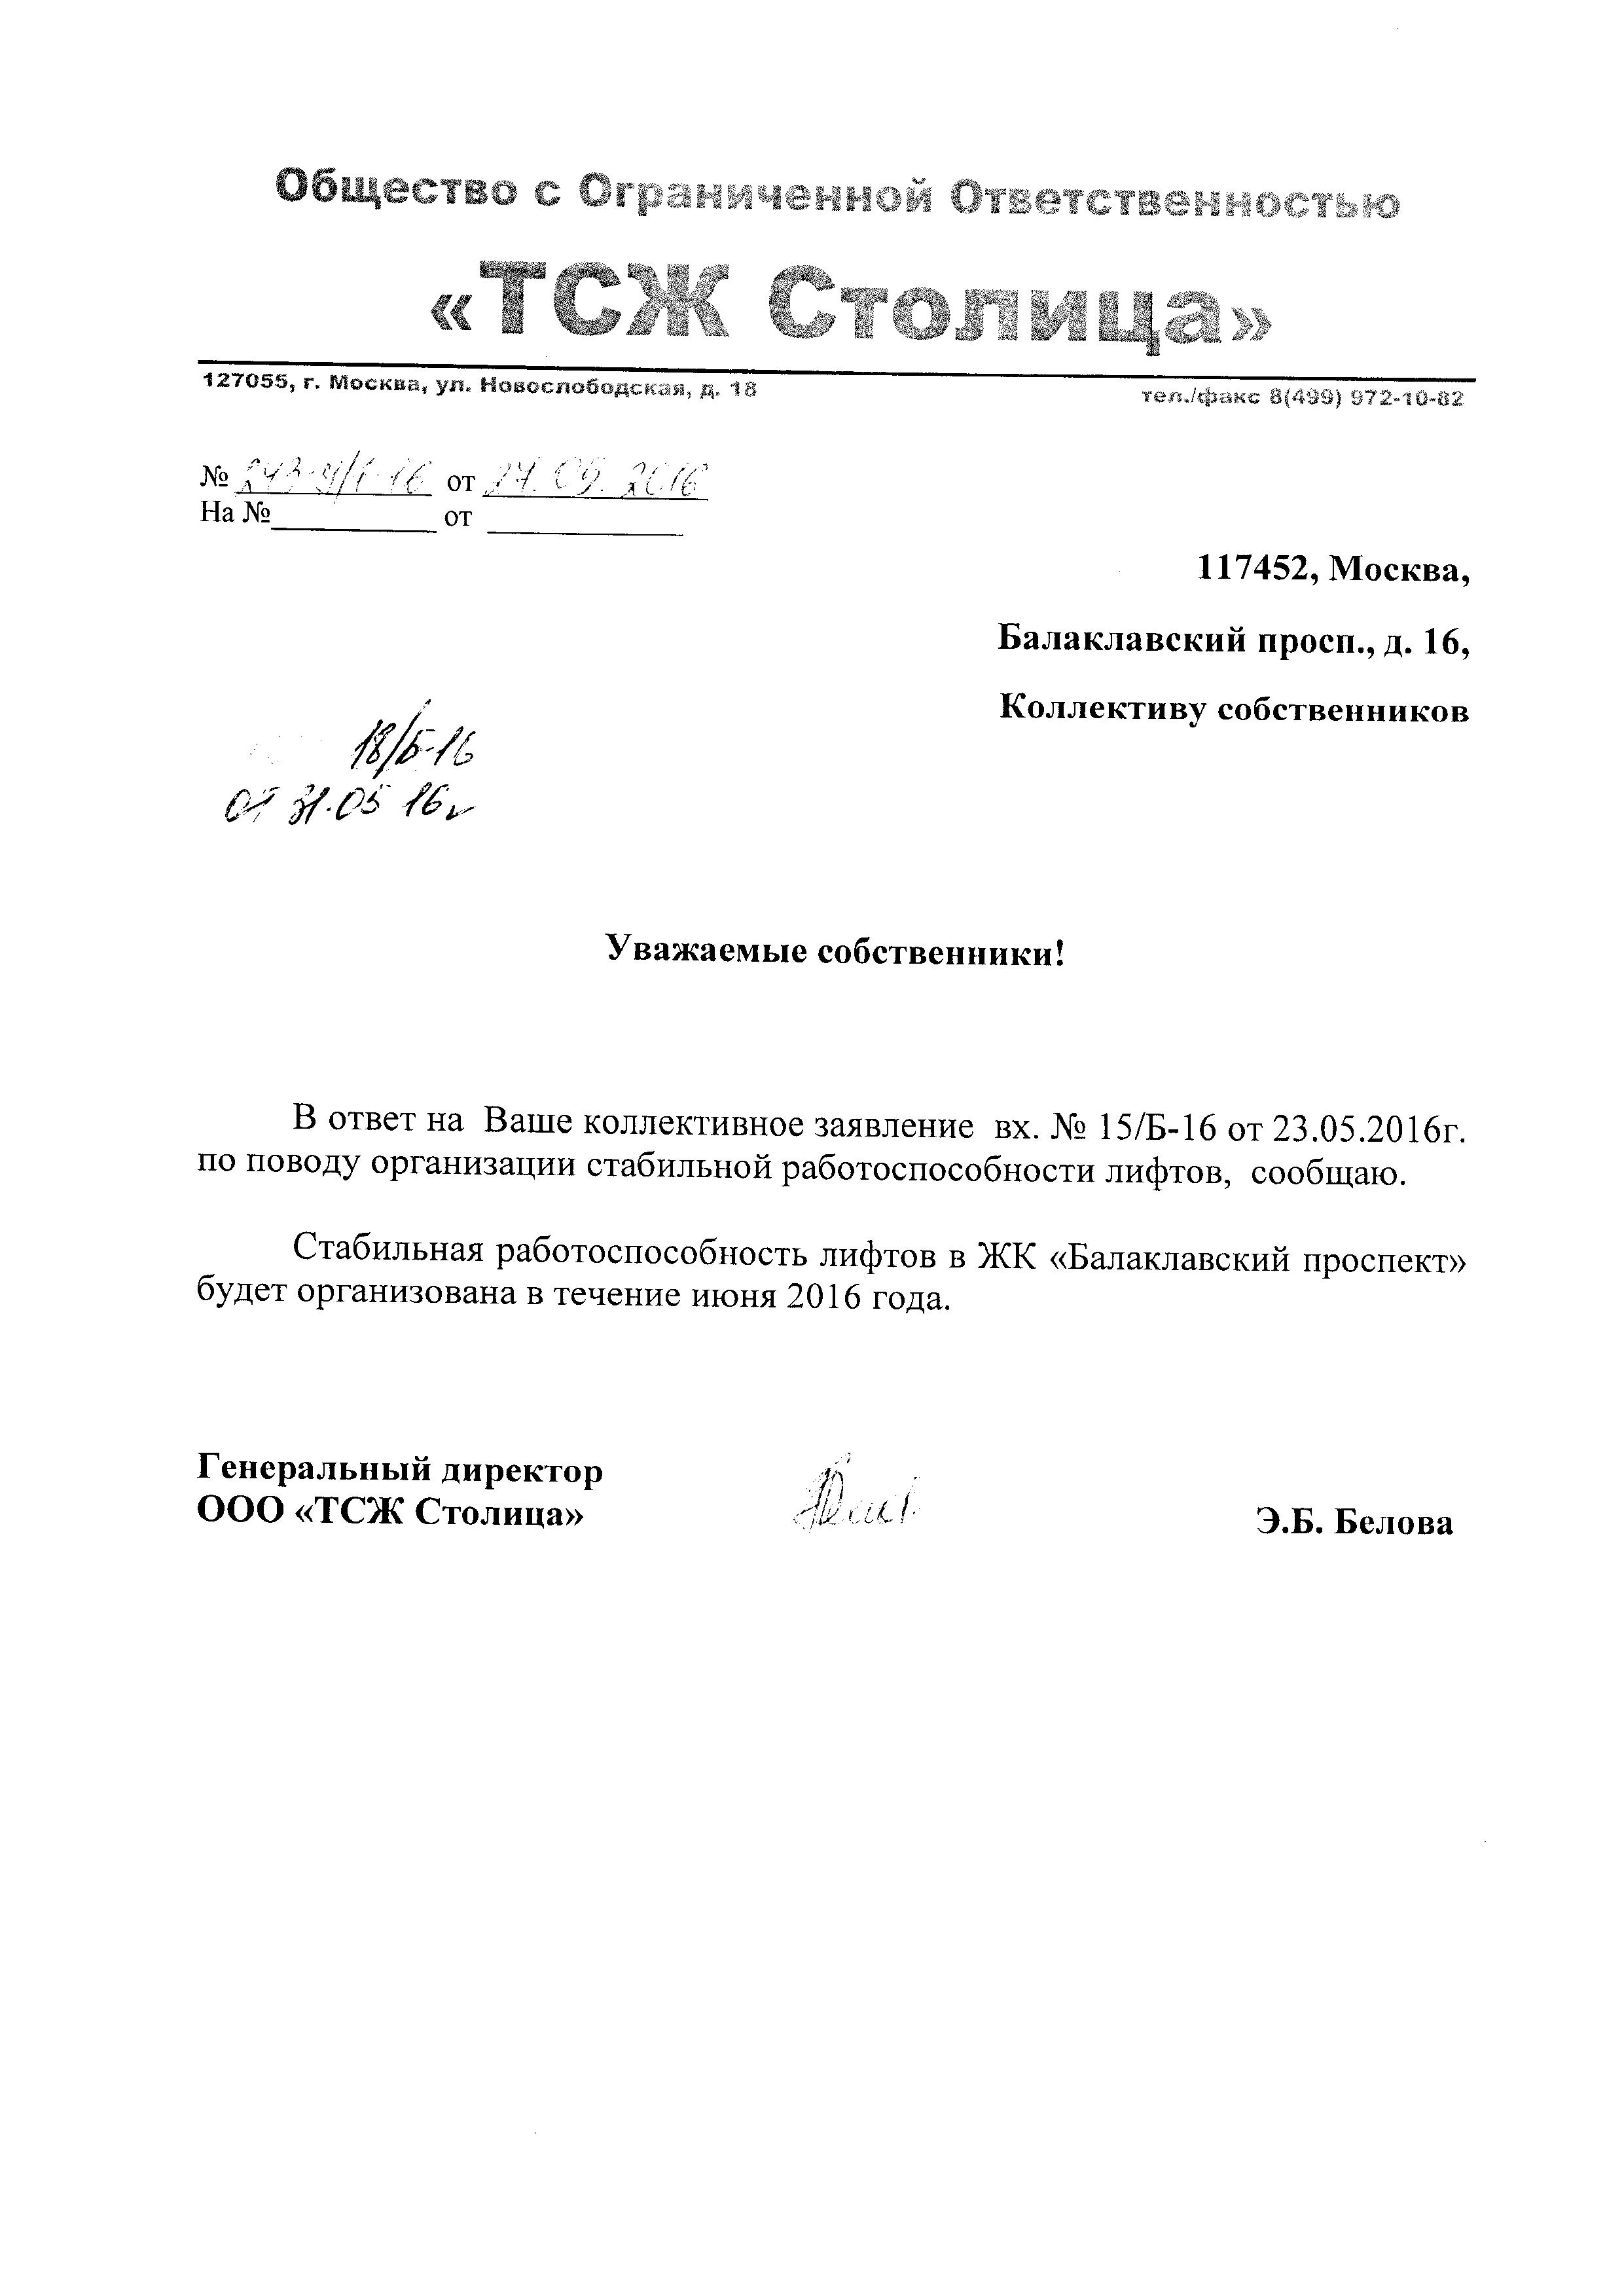 ответ ТСЖ Столица по работе лифтов.jpg, 984.42 kb, 2481 x 3507